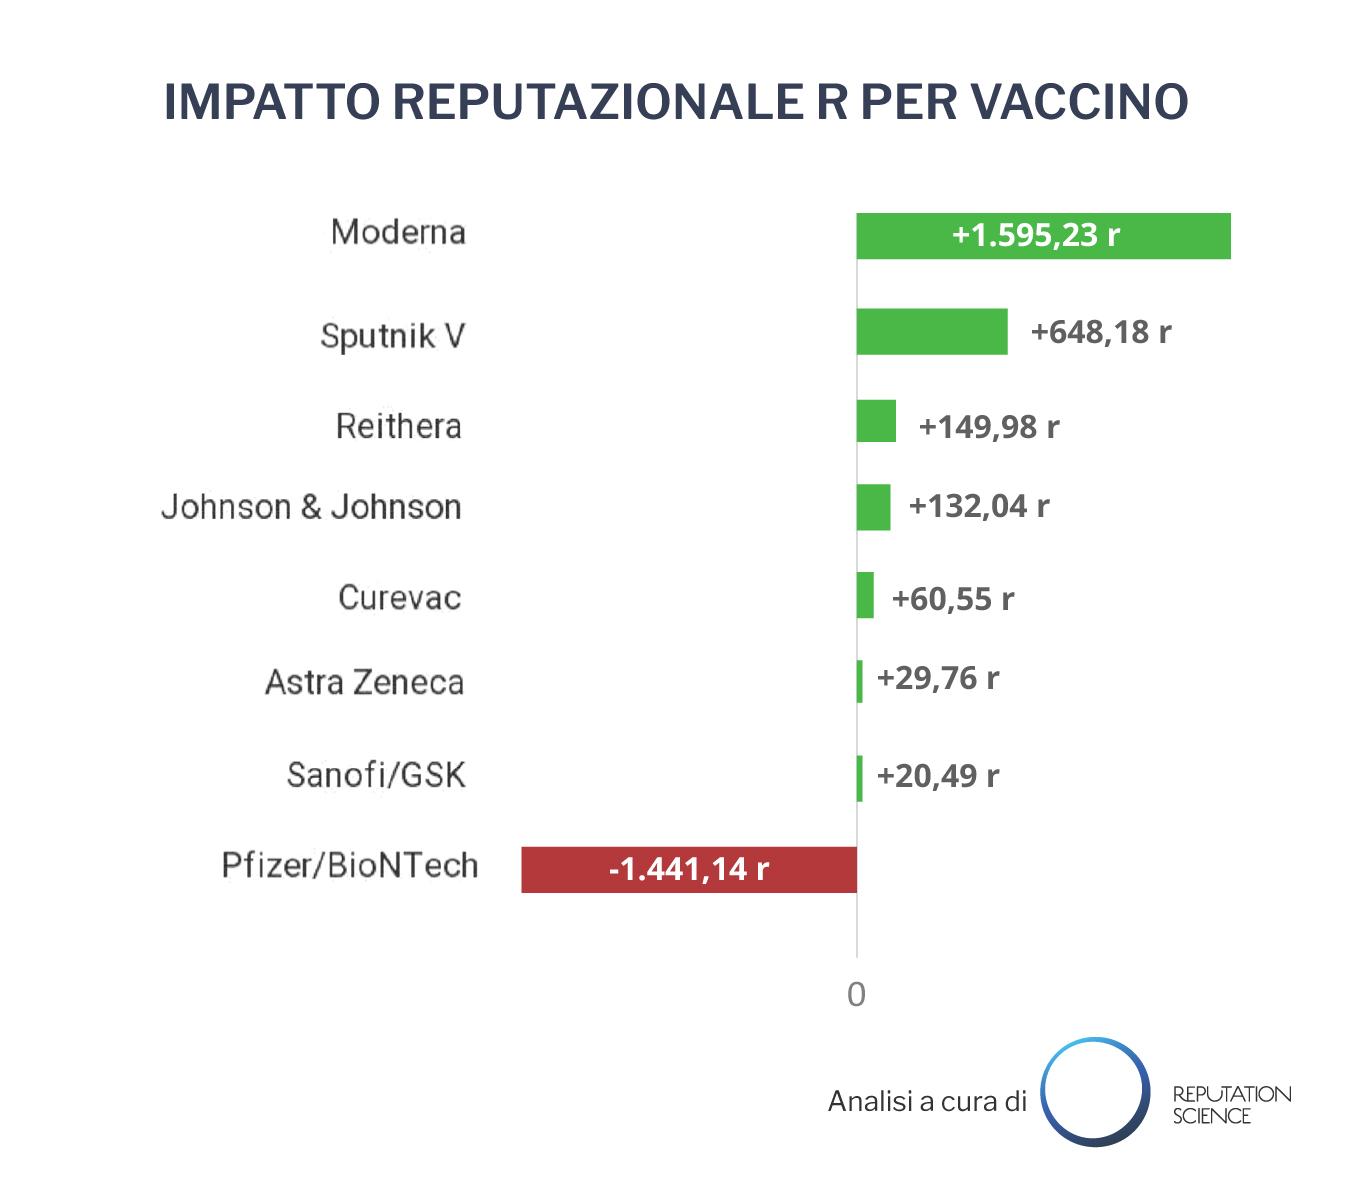 ANALISI – Per gli italiani i vaccini non sono tutti uguali: distribuzione ed efficacia influenzano gli orientamenti